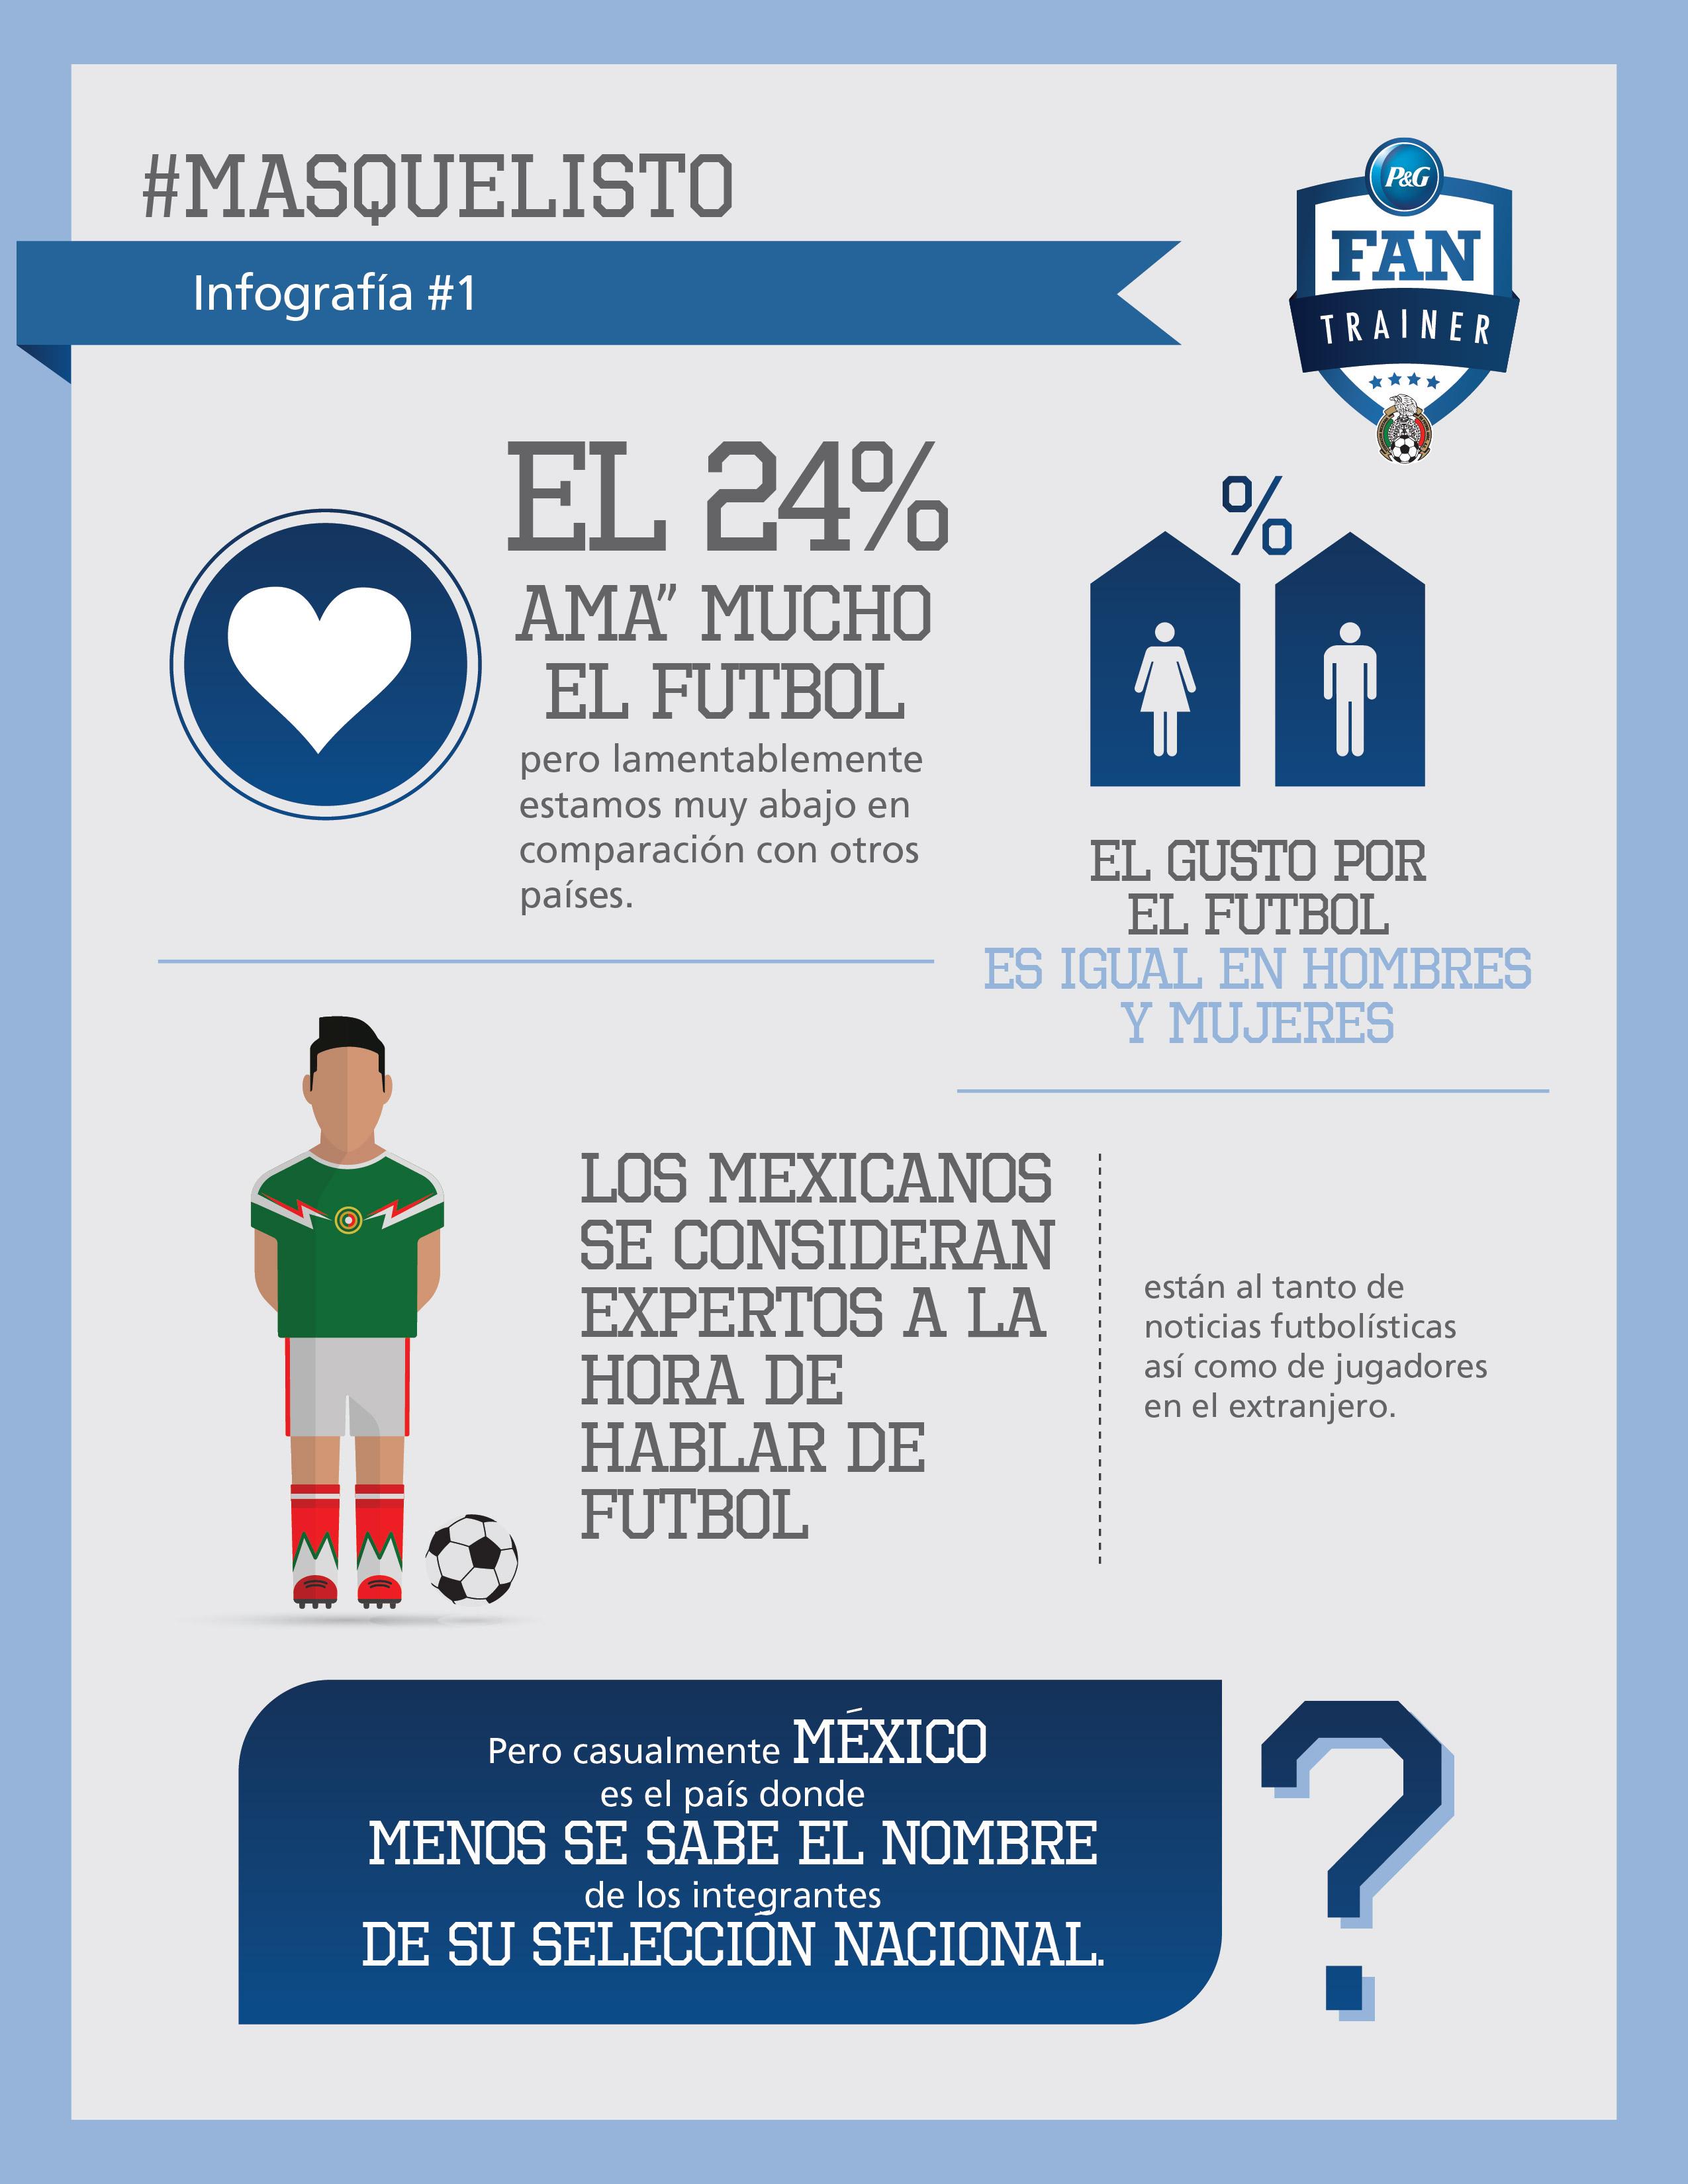 infografia_alta-01